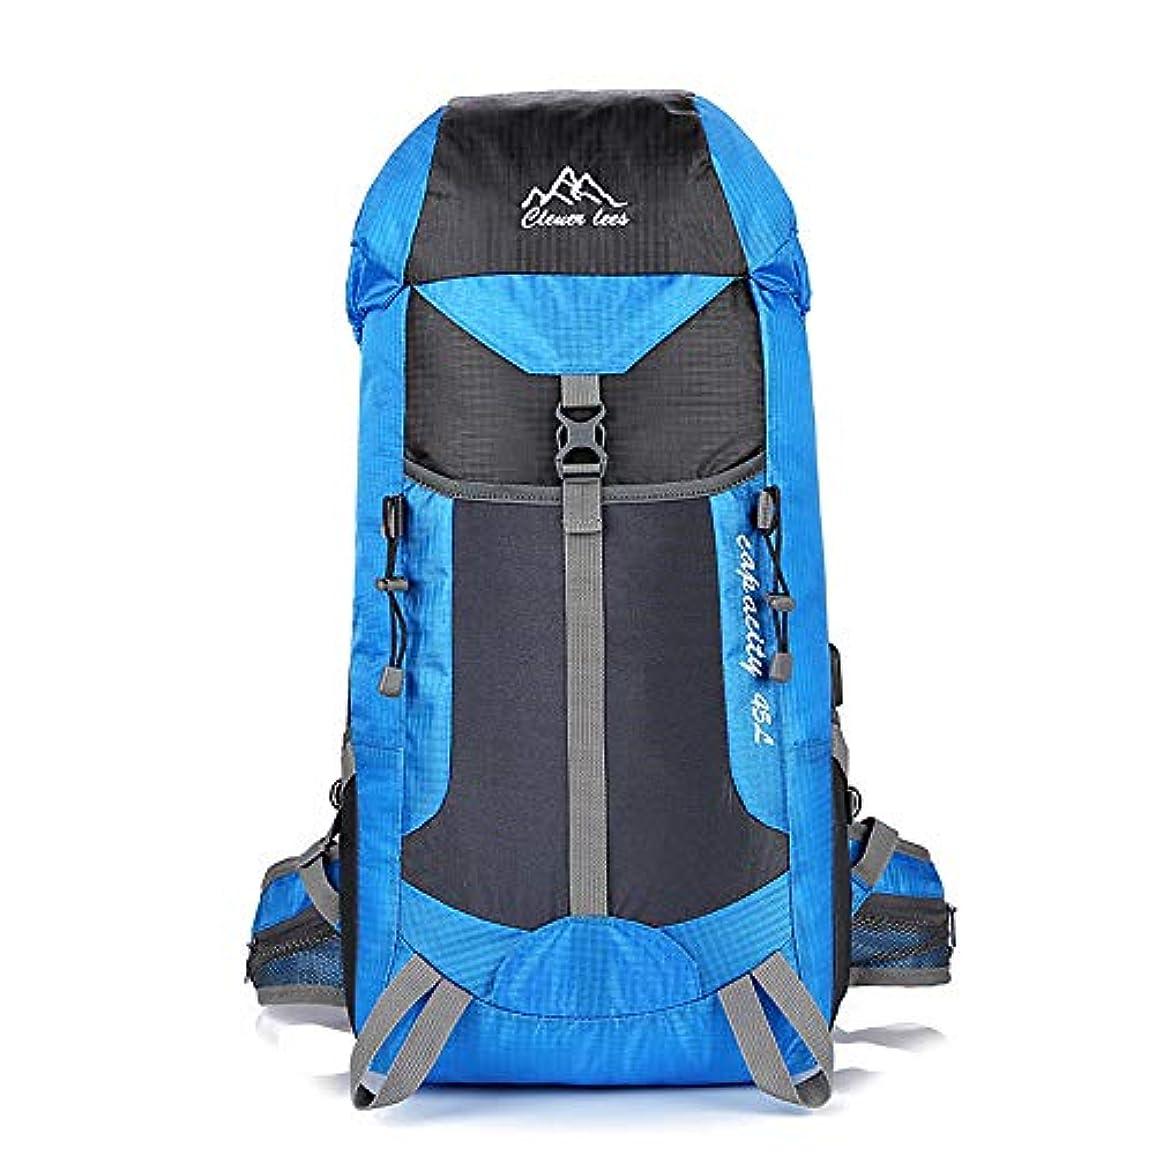 器用勇敢な隣接する登山 リュック バックパック リュックサック ハイキングバッグ リュックデイパック USB充電ポート搭載 防水 レディース メンズ アウトドア ナイロン